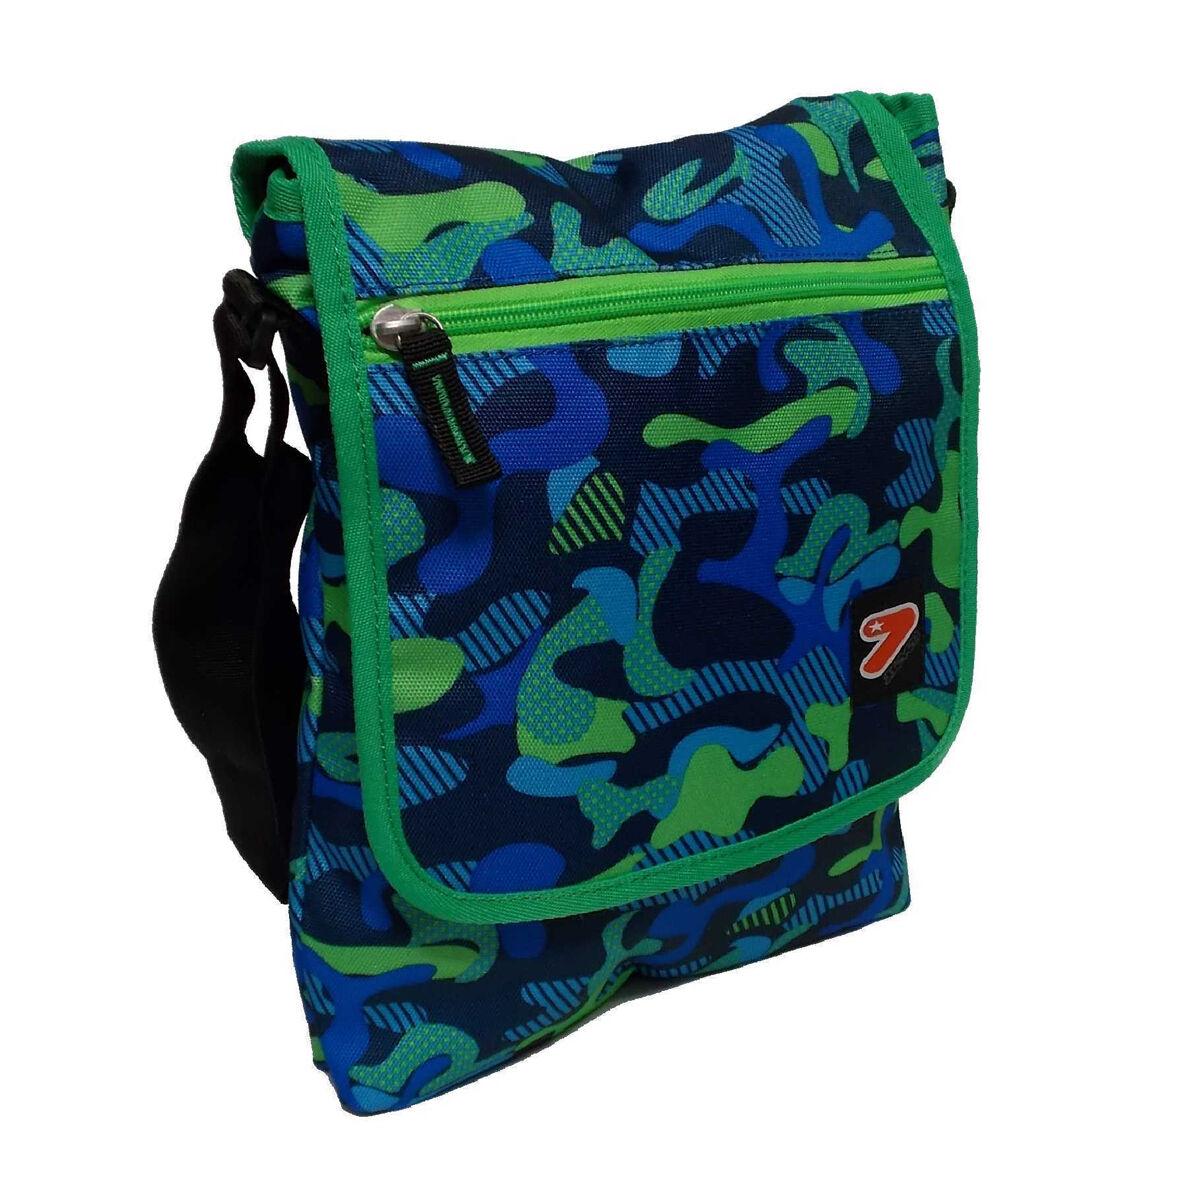 Schultergurt bringt Tablet einstellbar SEVEN Freizeit 2 Taschen Taschen Taschen Tarnung grün  | Online Store  60689d